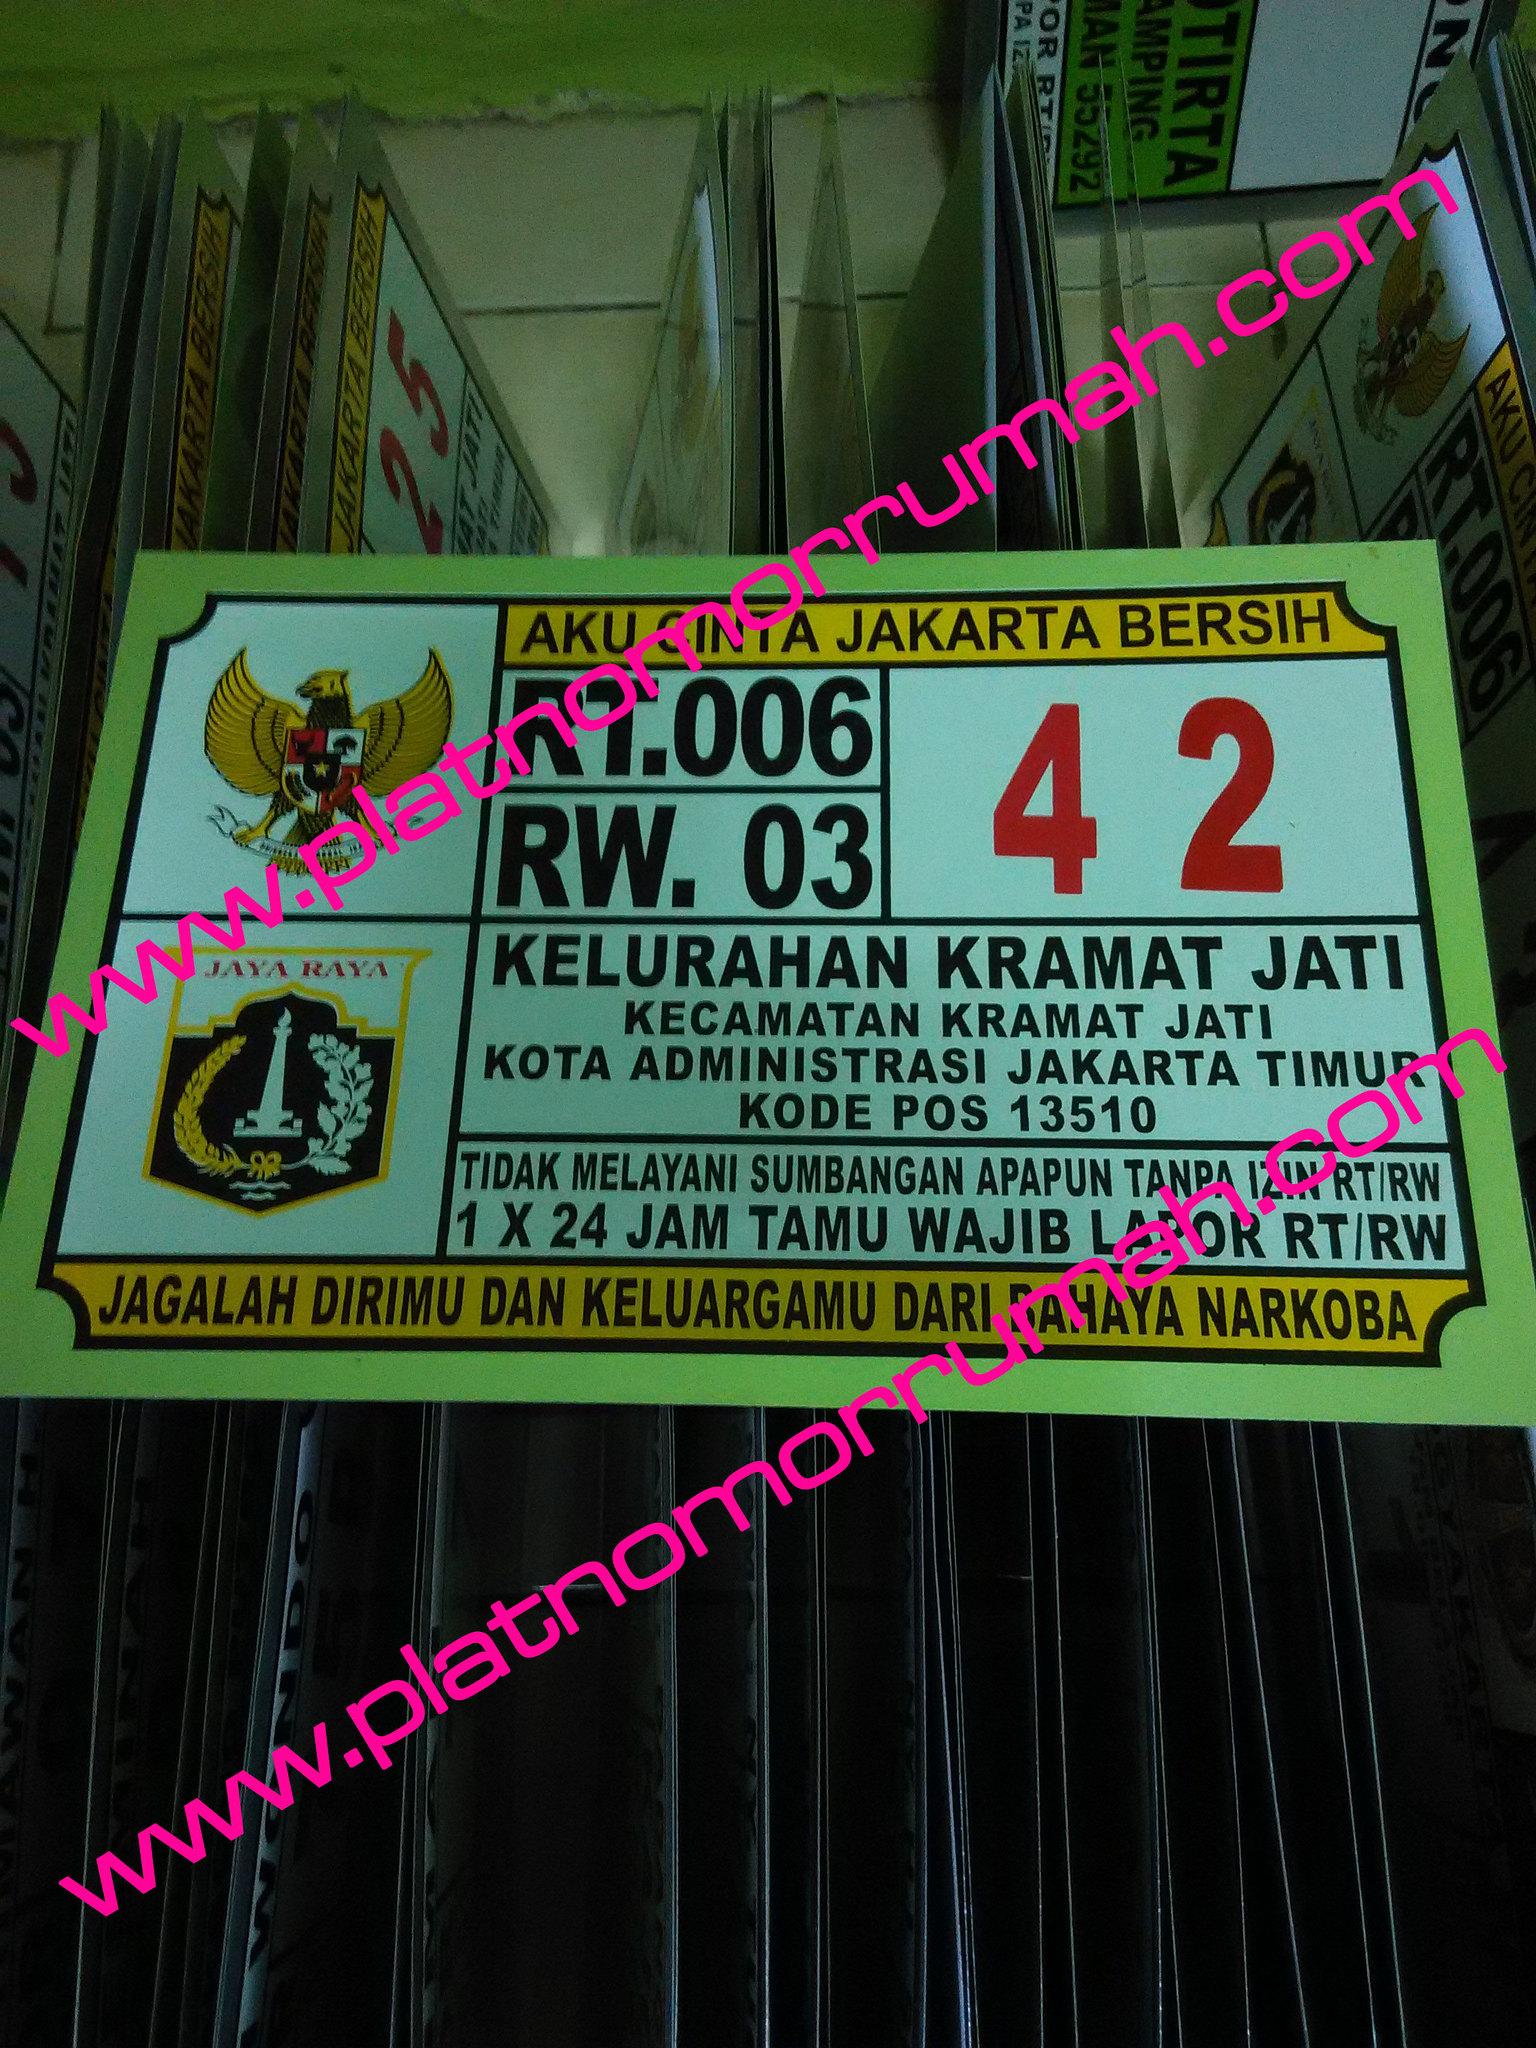 Plat Nomor Rumah Jakarta Kramat Jati